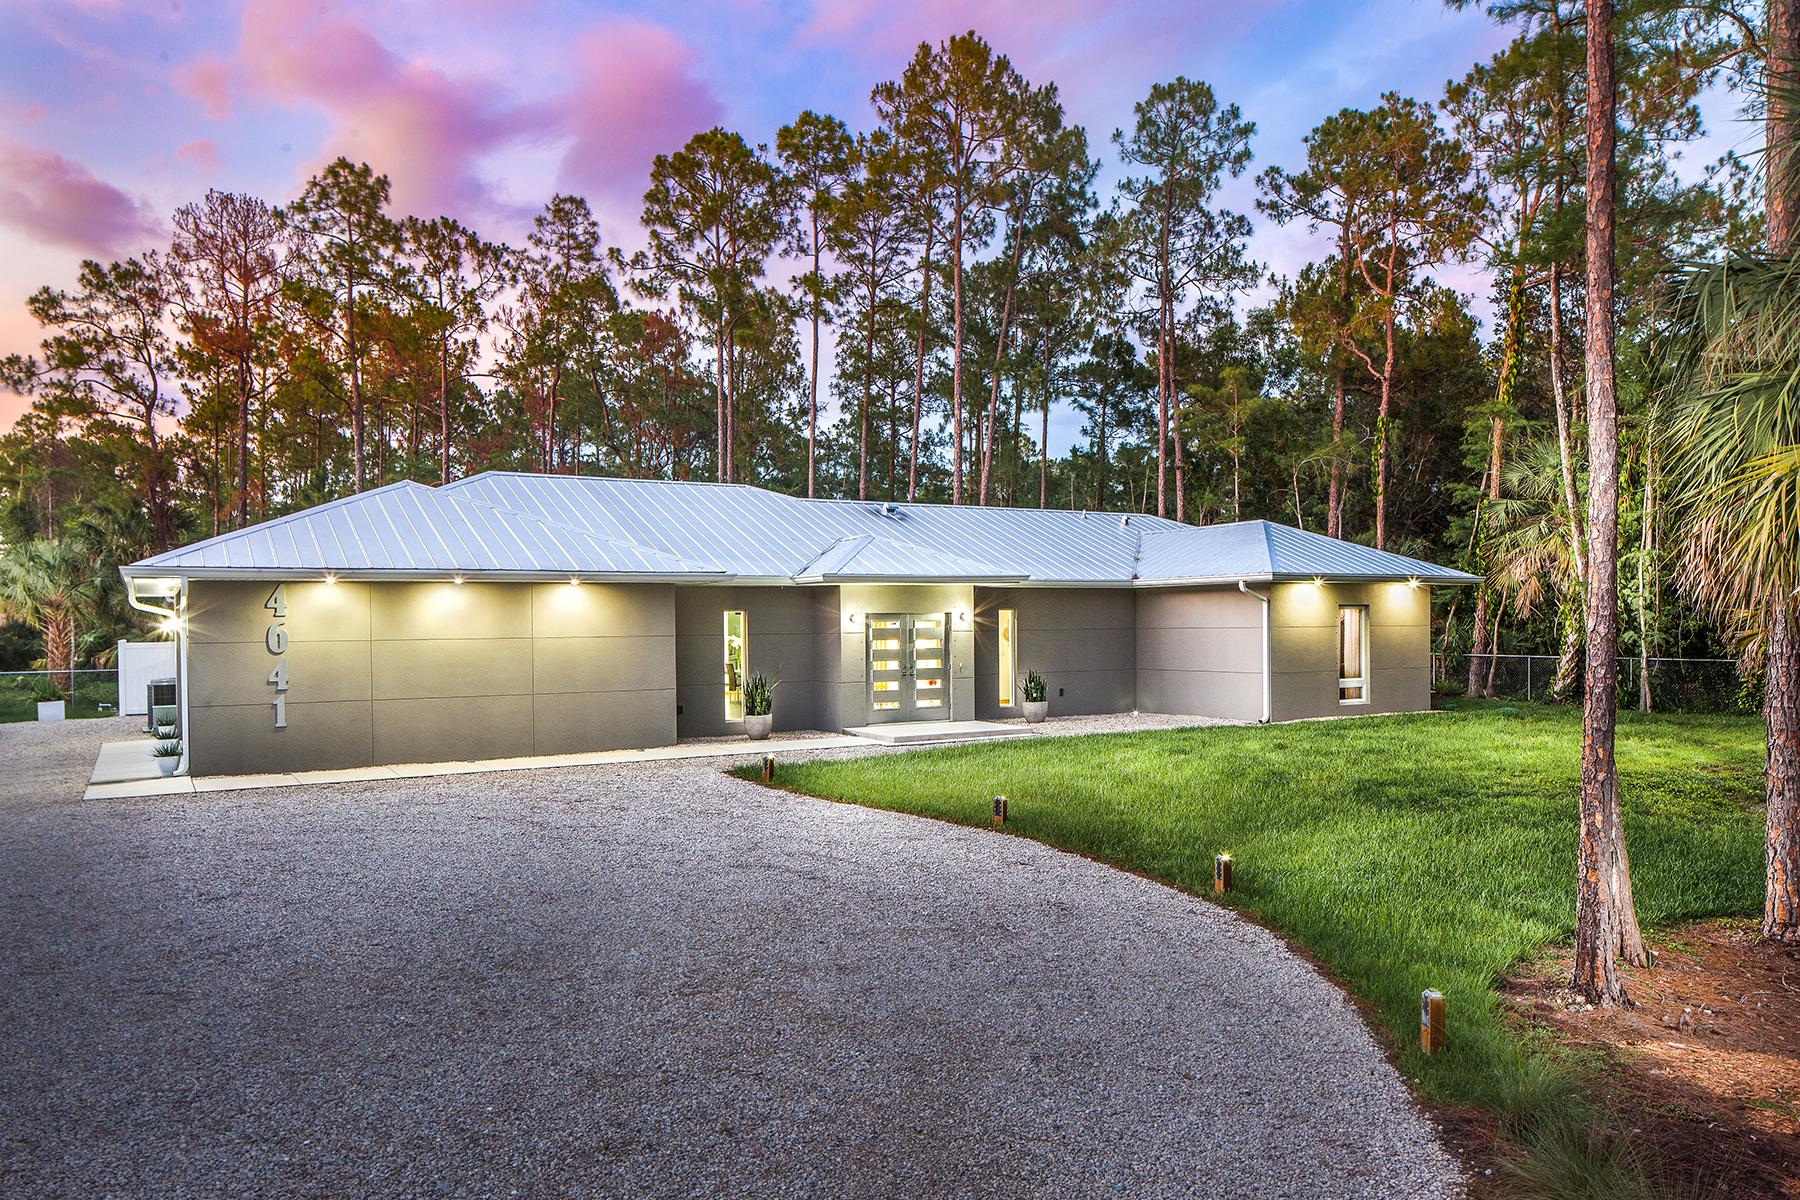 단독 가정 주택 용 매매 에 GOLDEN GATE ESTATES 4641 7th Ave NW Naples, 플로리다, 34119 미국